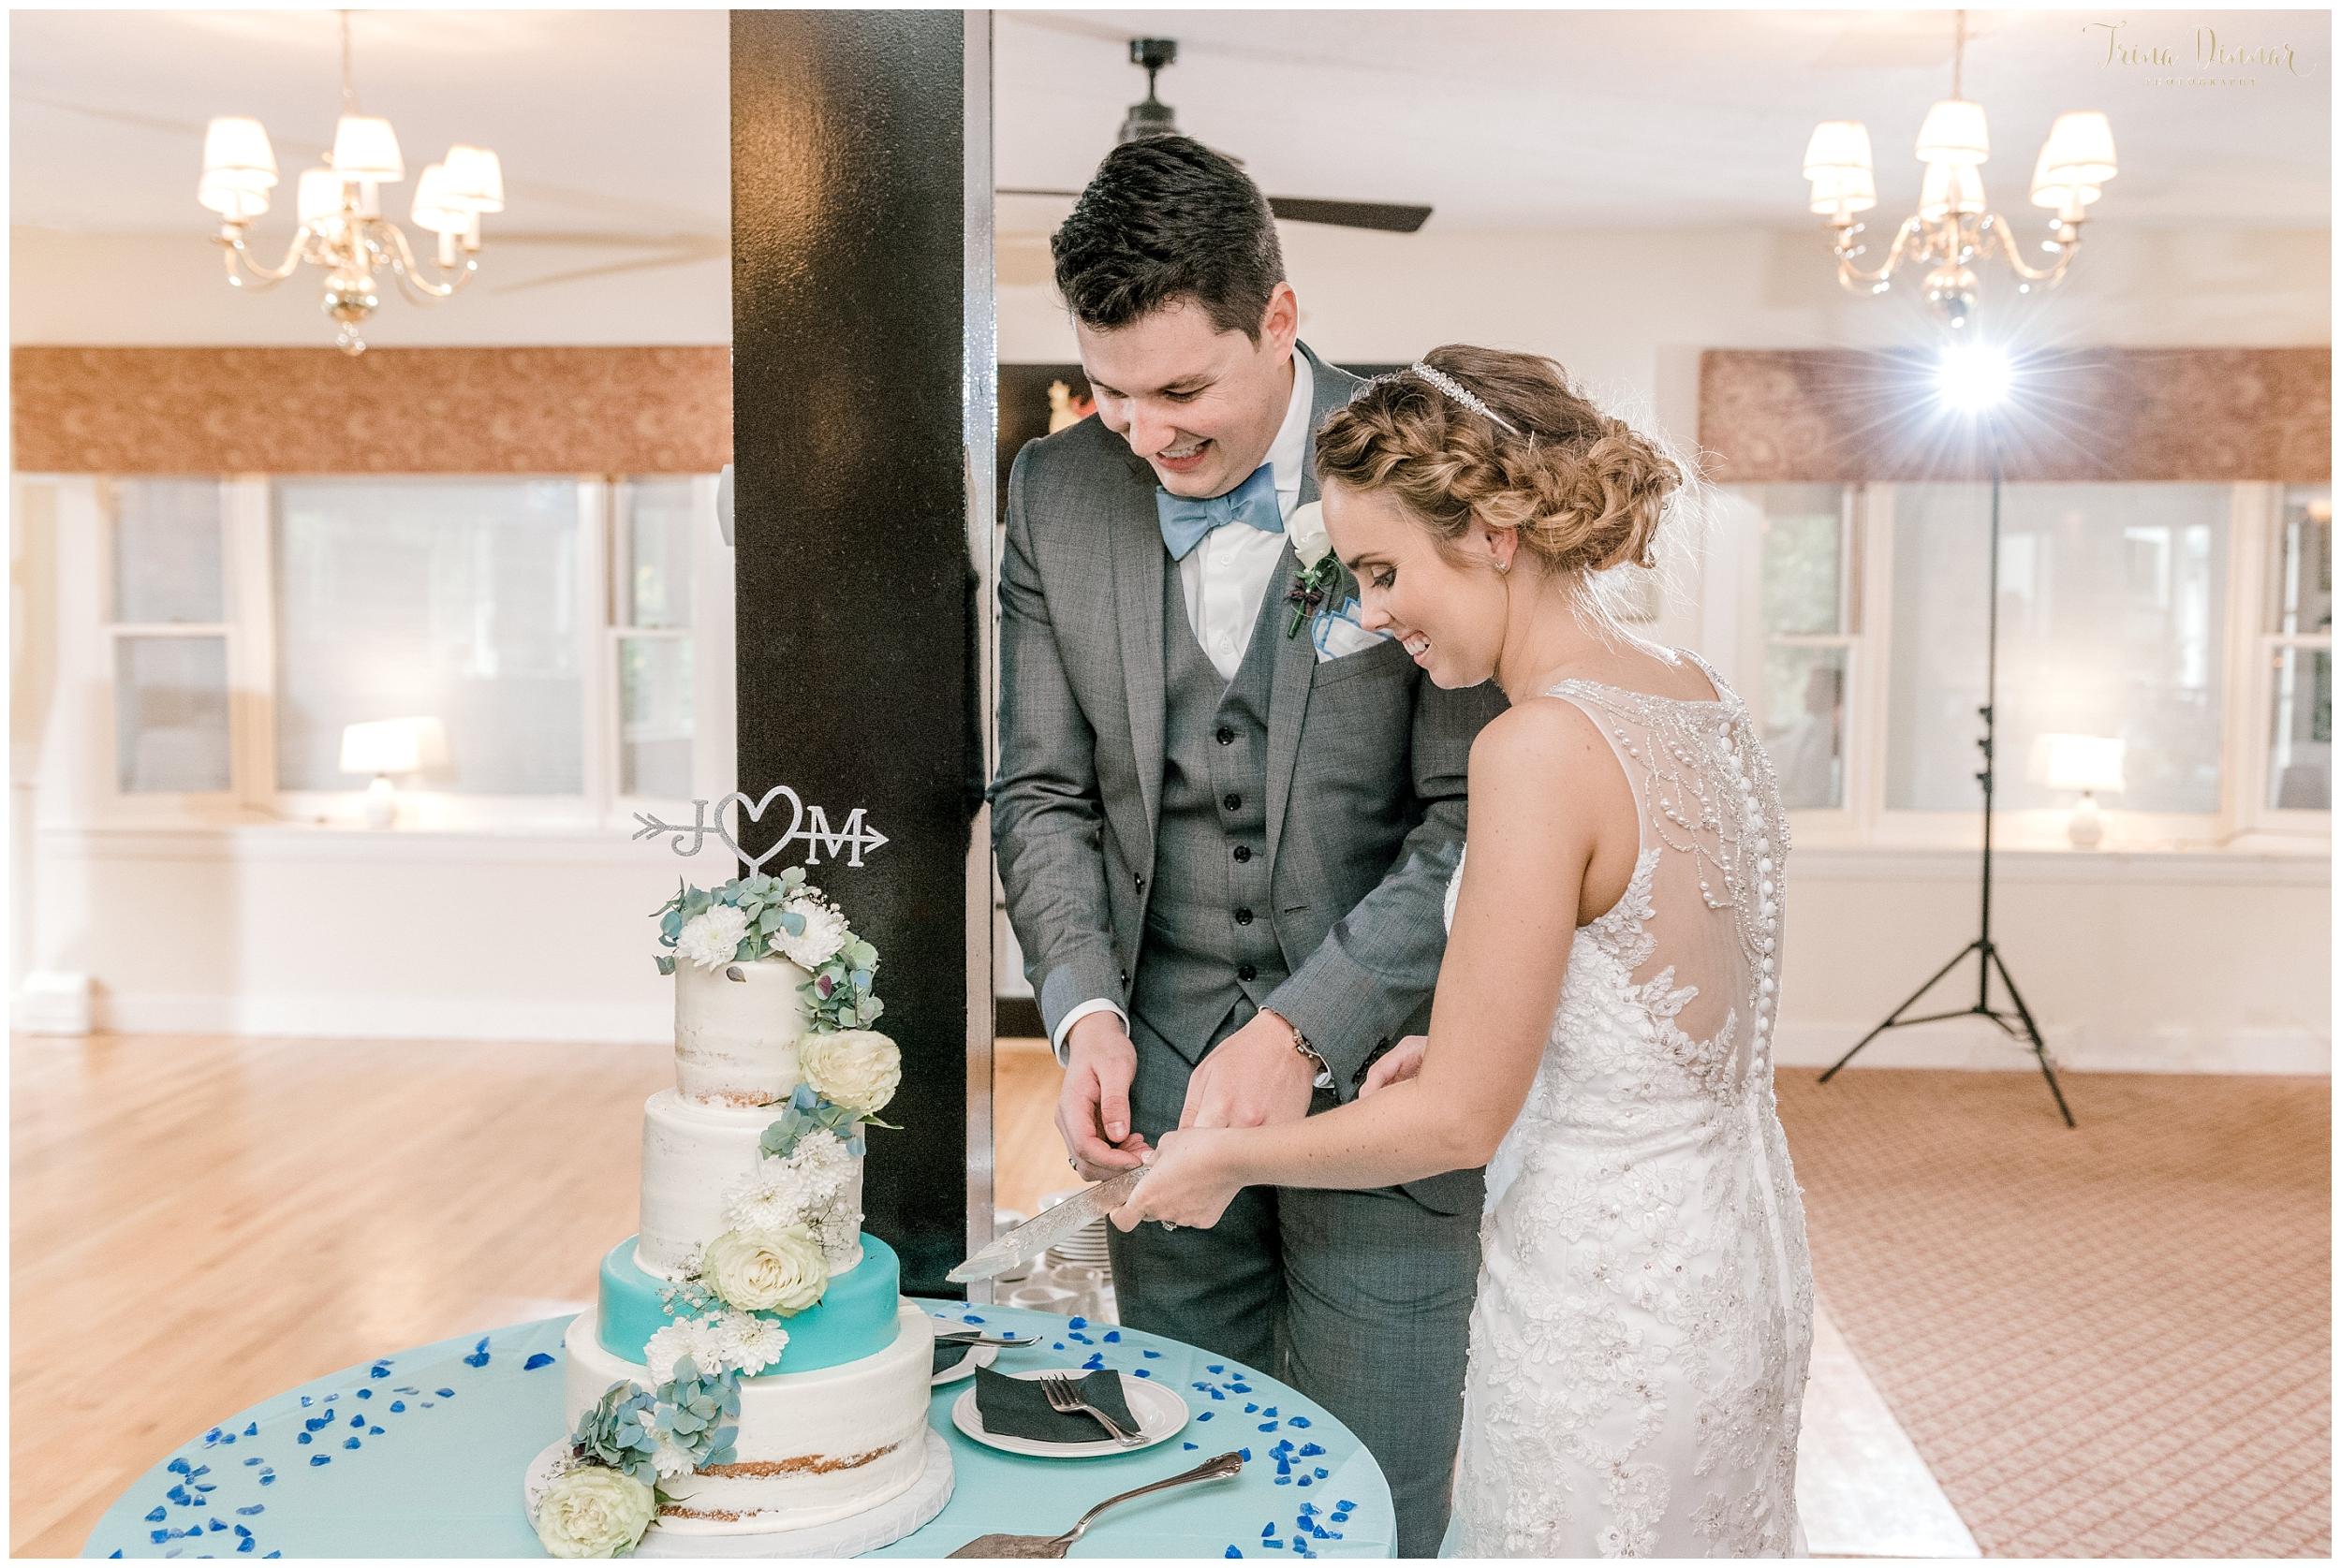 Mallori and James Cake Cutting